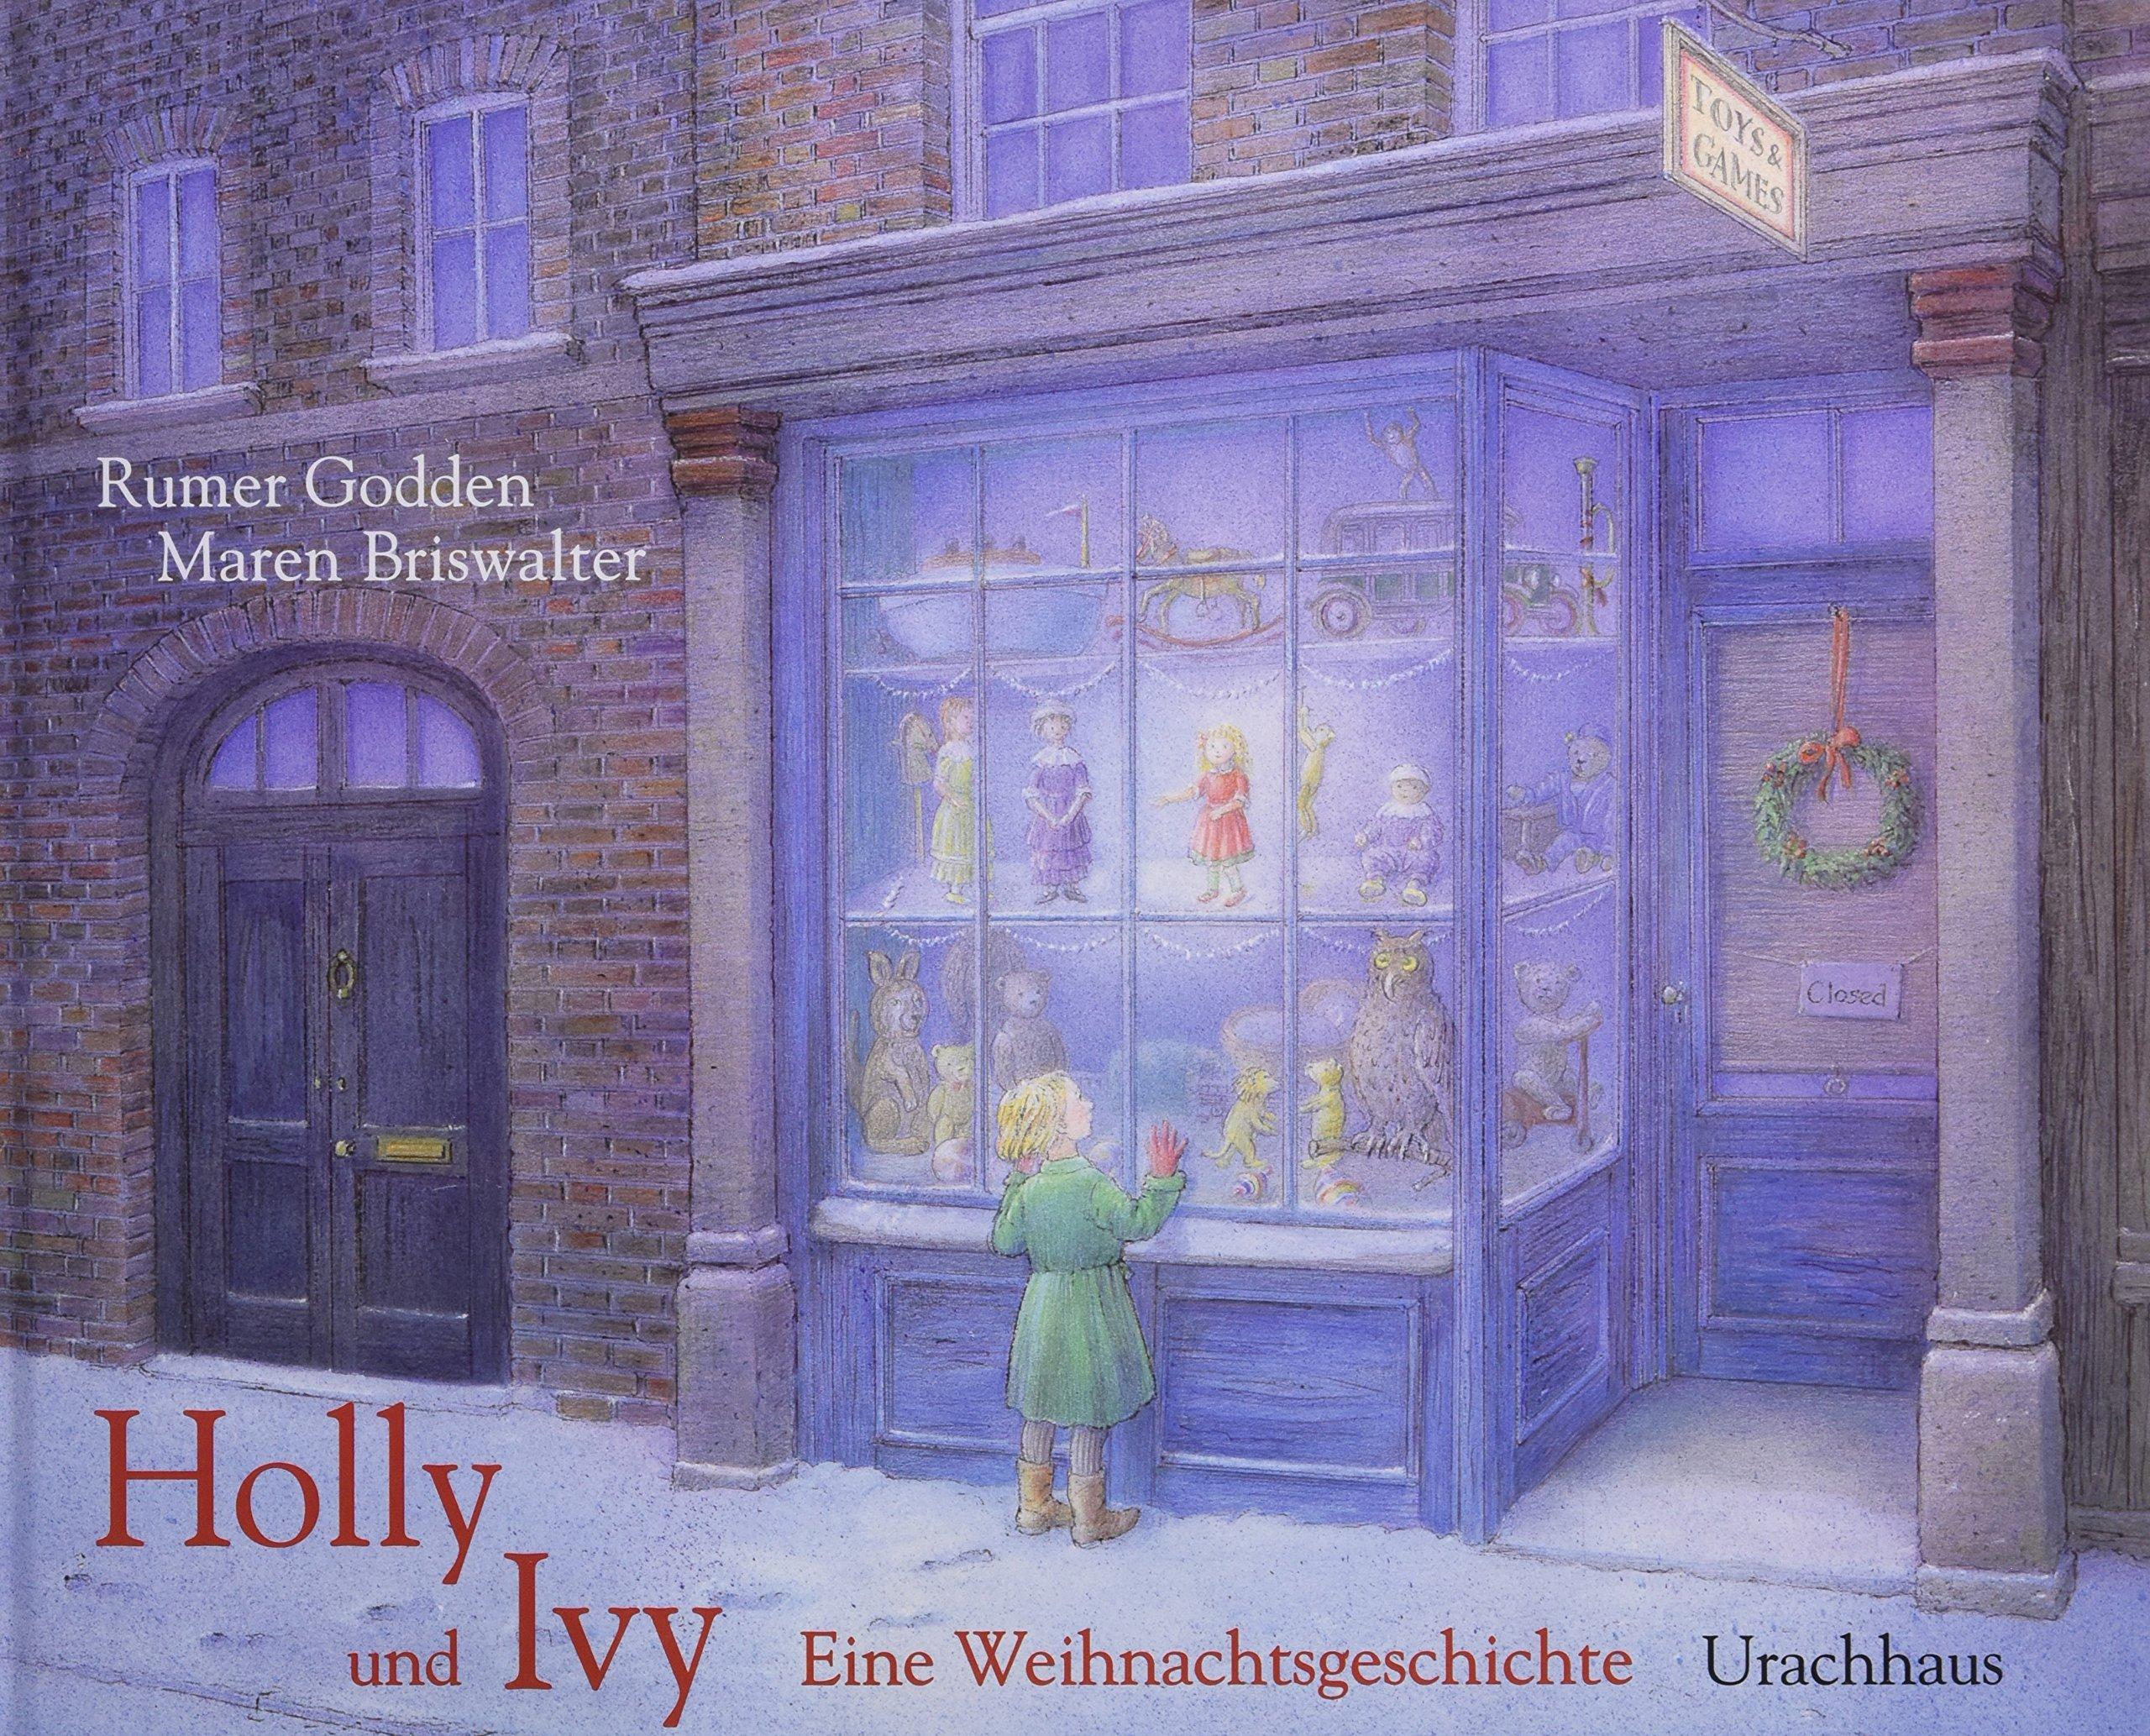 Holly und Ivy: Eine Weihnachtsgeschichte: Amazon.de: Margret Rumer ...